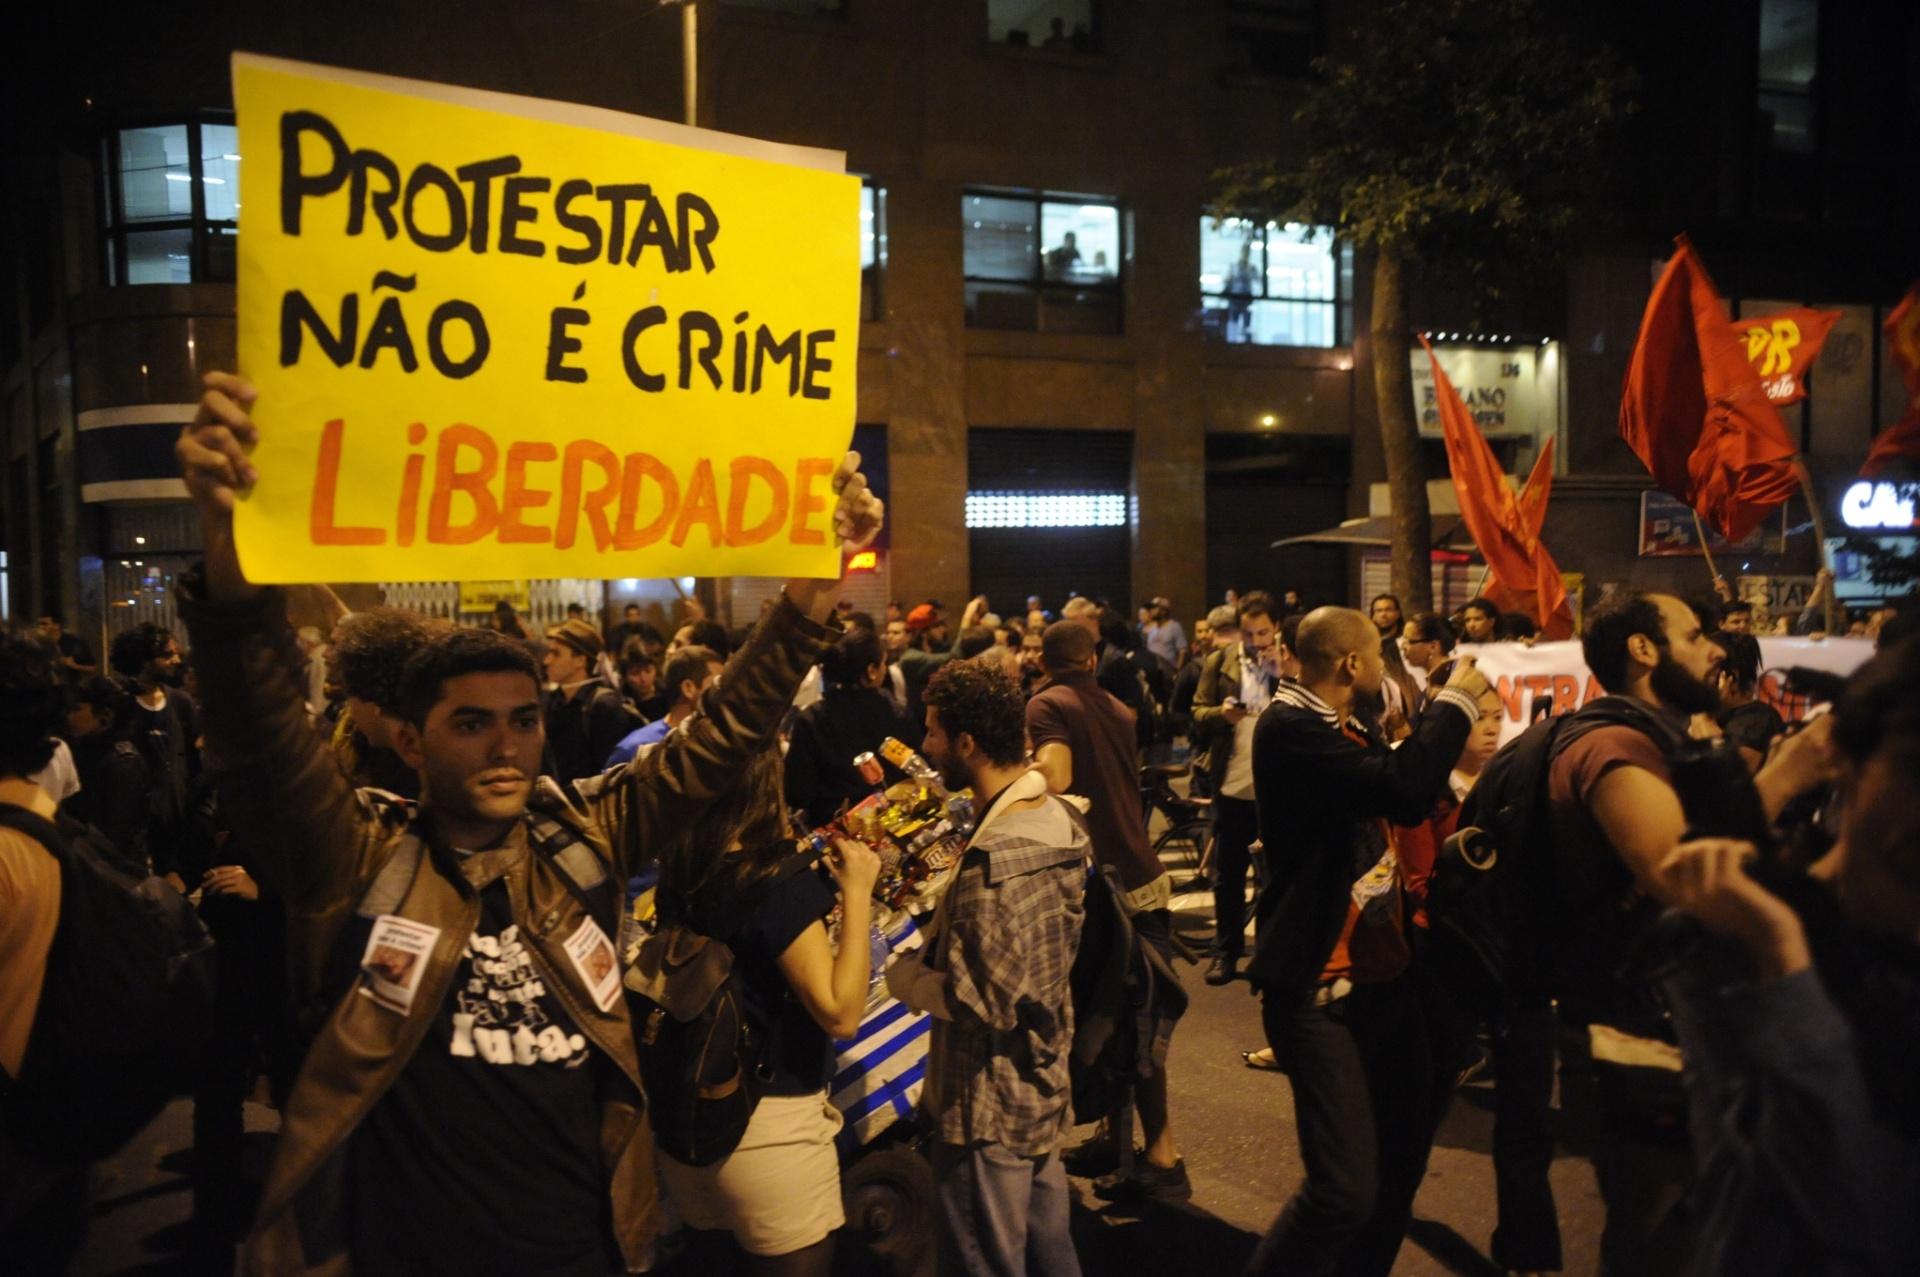 30.jul.2014 - Ativista segura cartaz durante protesto contra a repressão policial e a criminalização das manifestações, nesta quarta-feira, no Rio de Janeiro